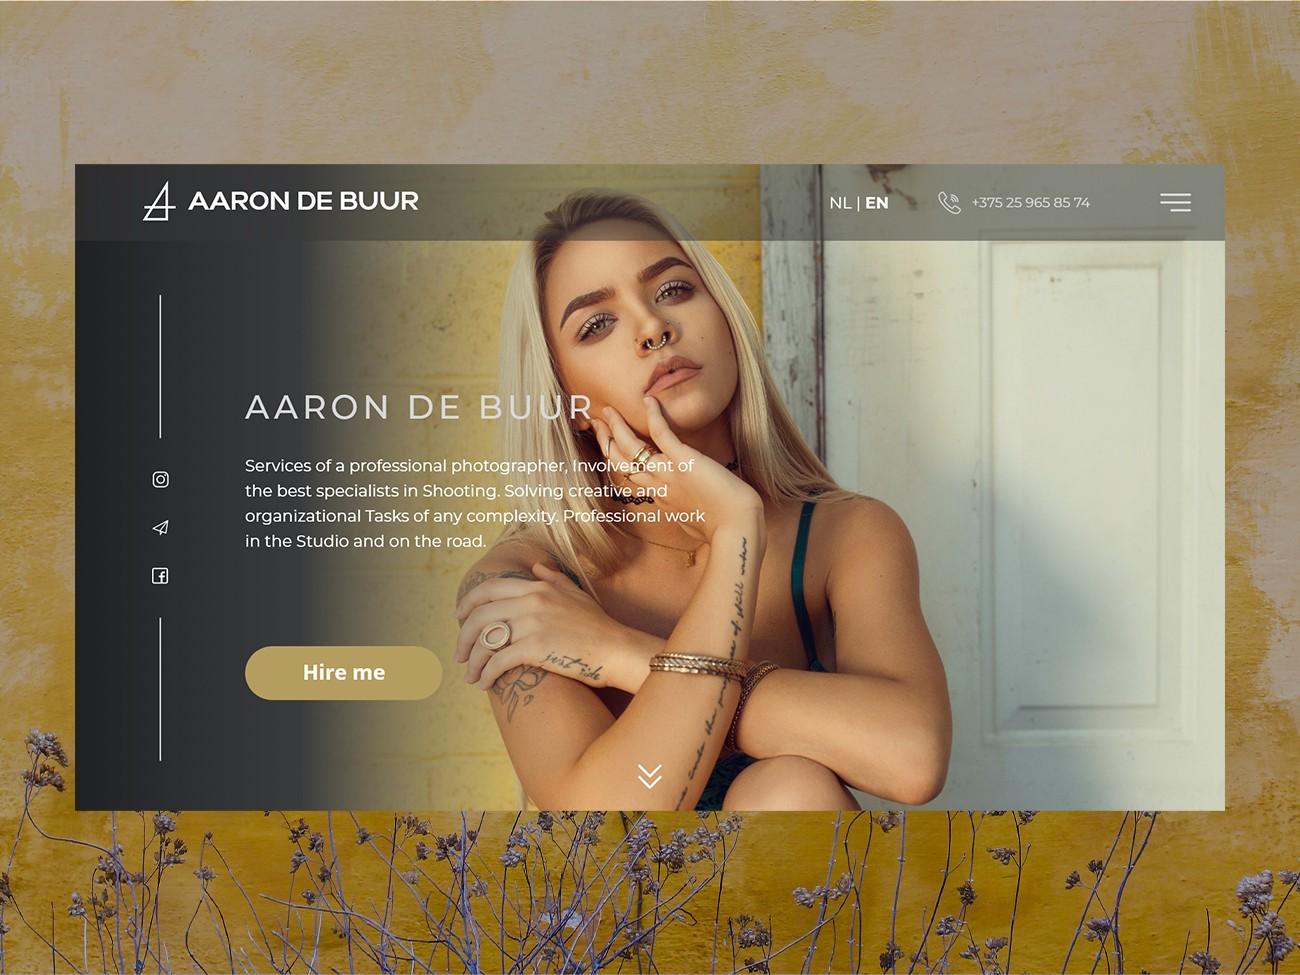 Webdesign einer Landingpage